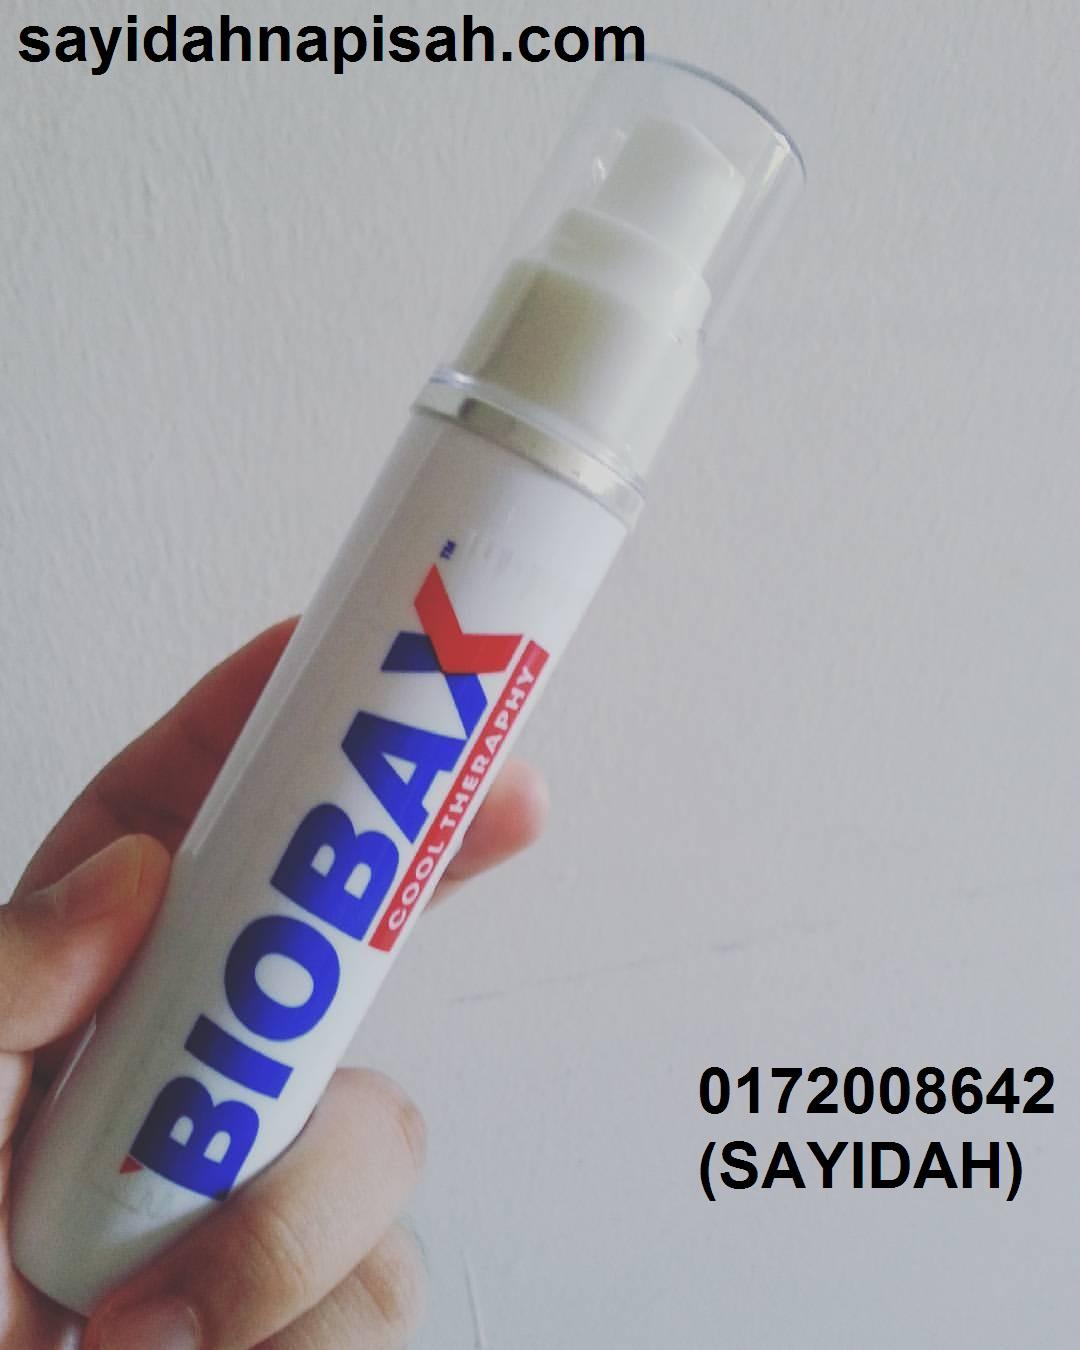 kakyong baru cuba sekali Biobax, terus beli satu dan jadi dropshipper Biobax!